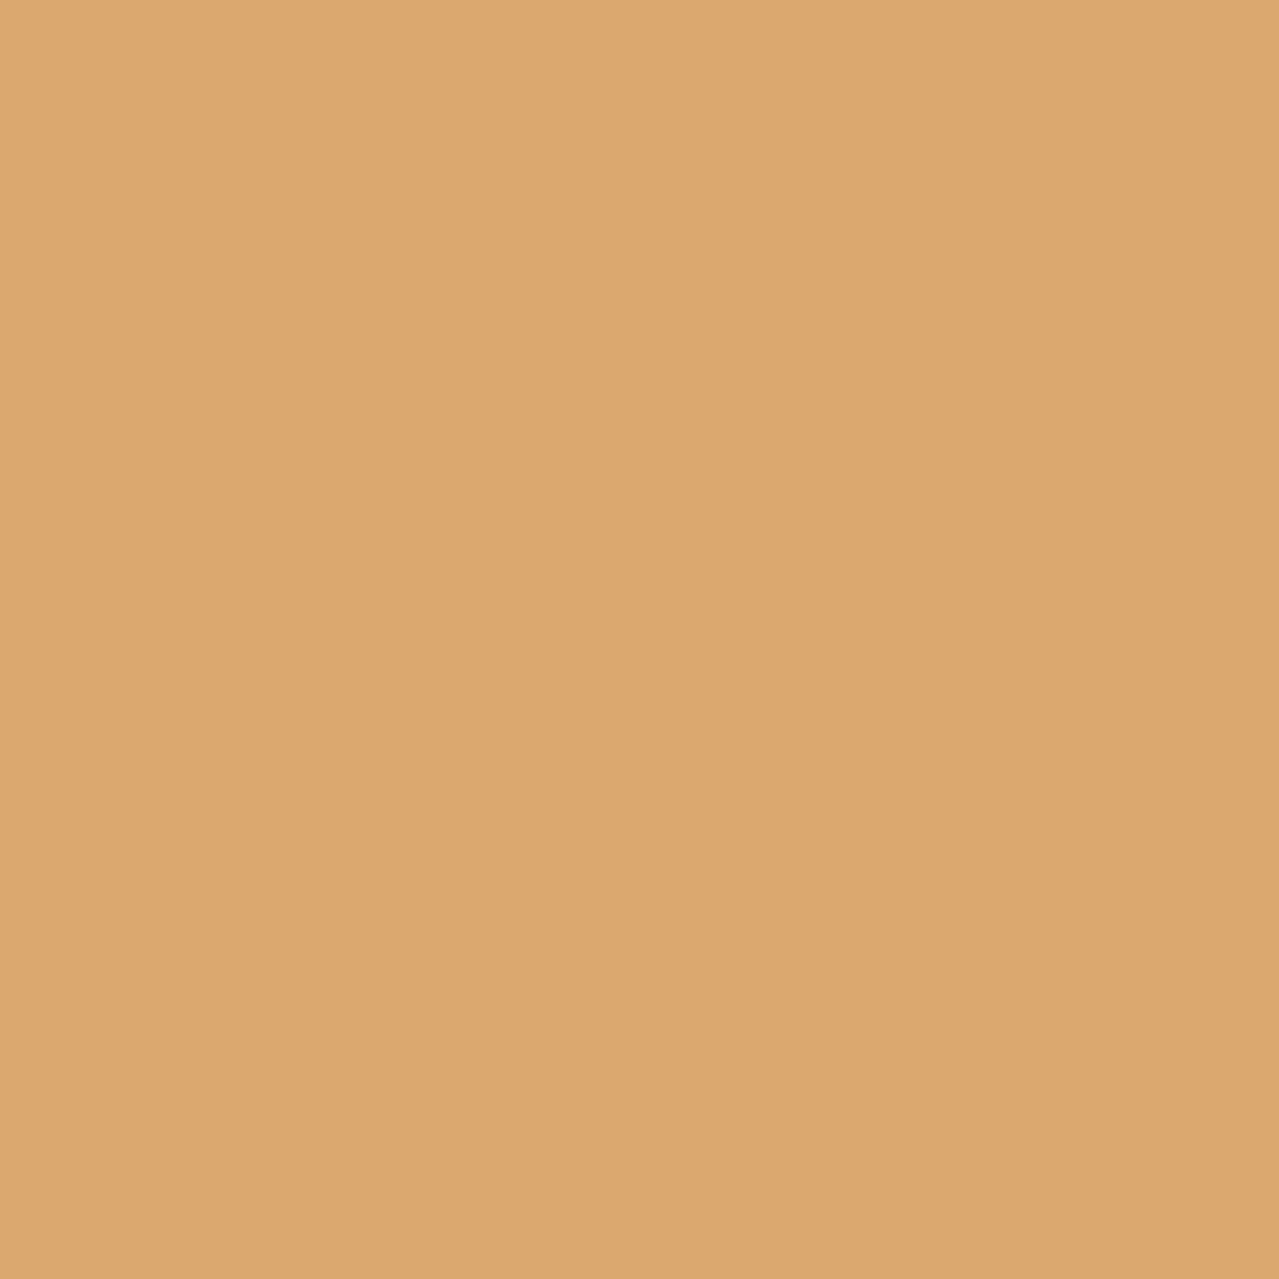 大混乱ウェブレザーSANMIMORE(サンミモレ化粧品) UVパクト 50号ライトオークル (レフィル 替パフ付)